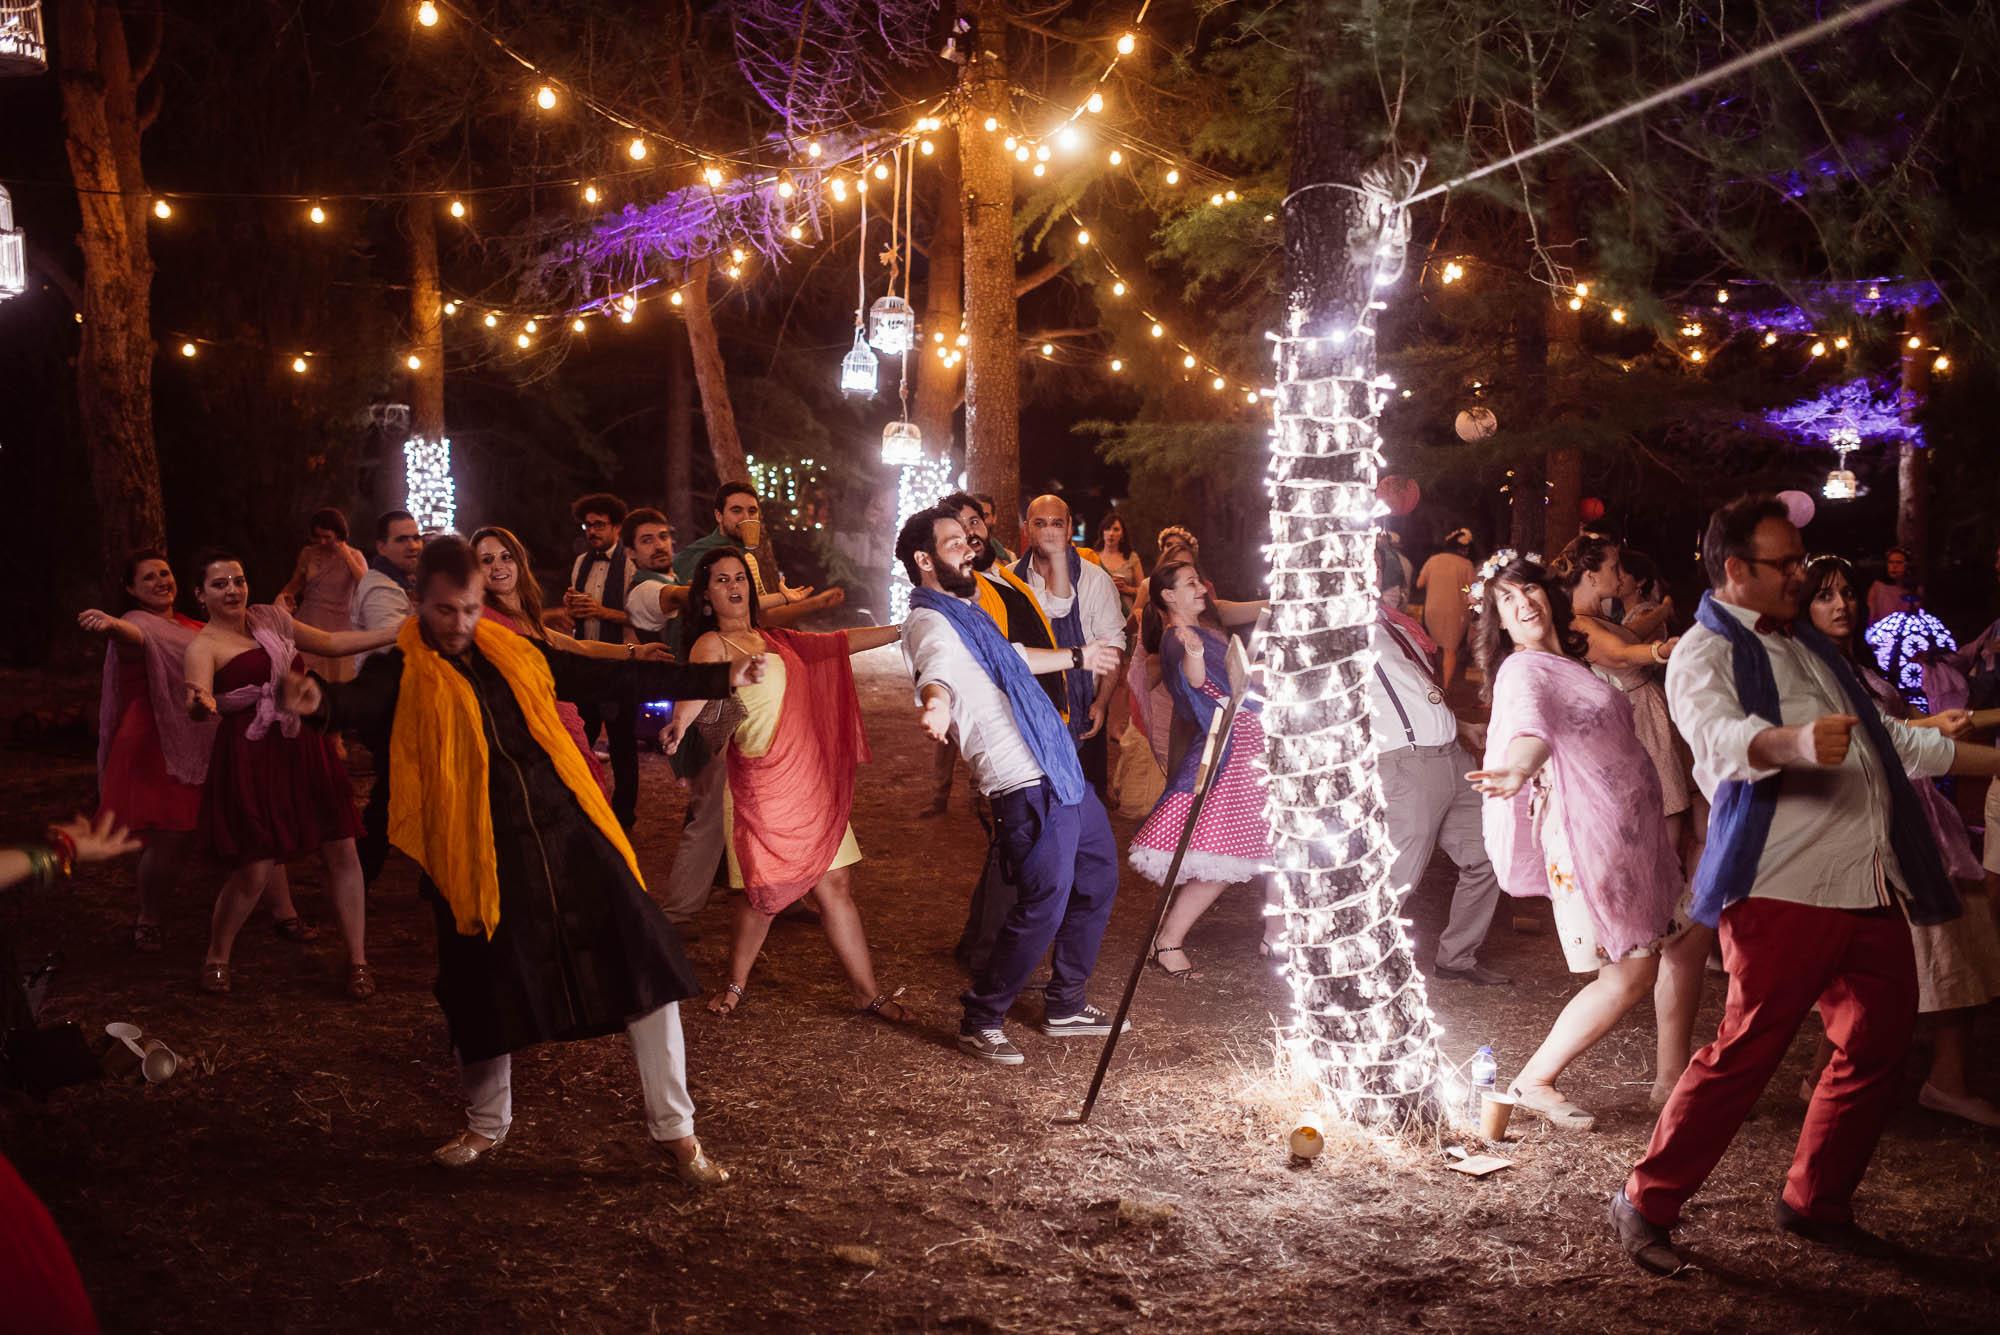 Los invitados hacen un baile árabe por la noche